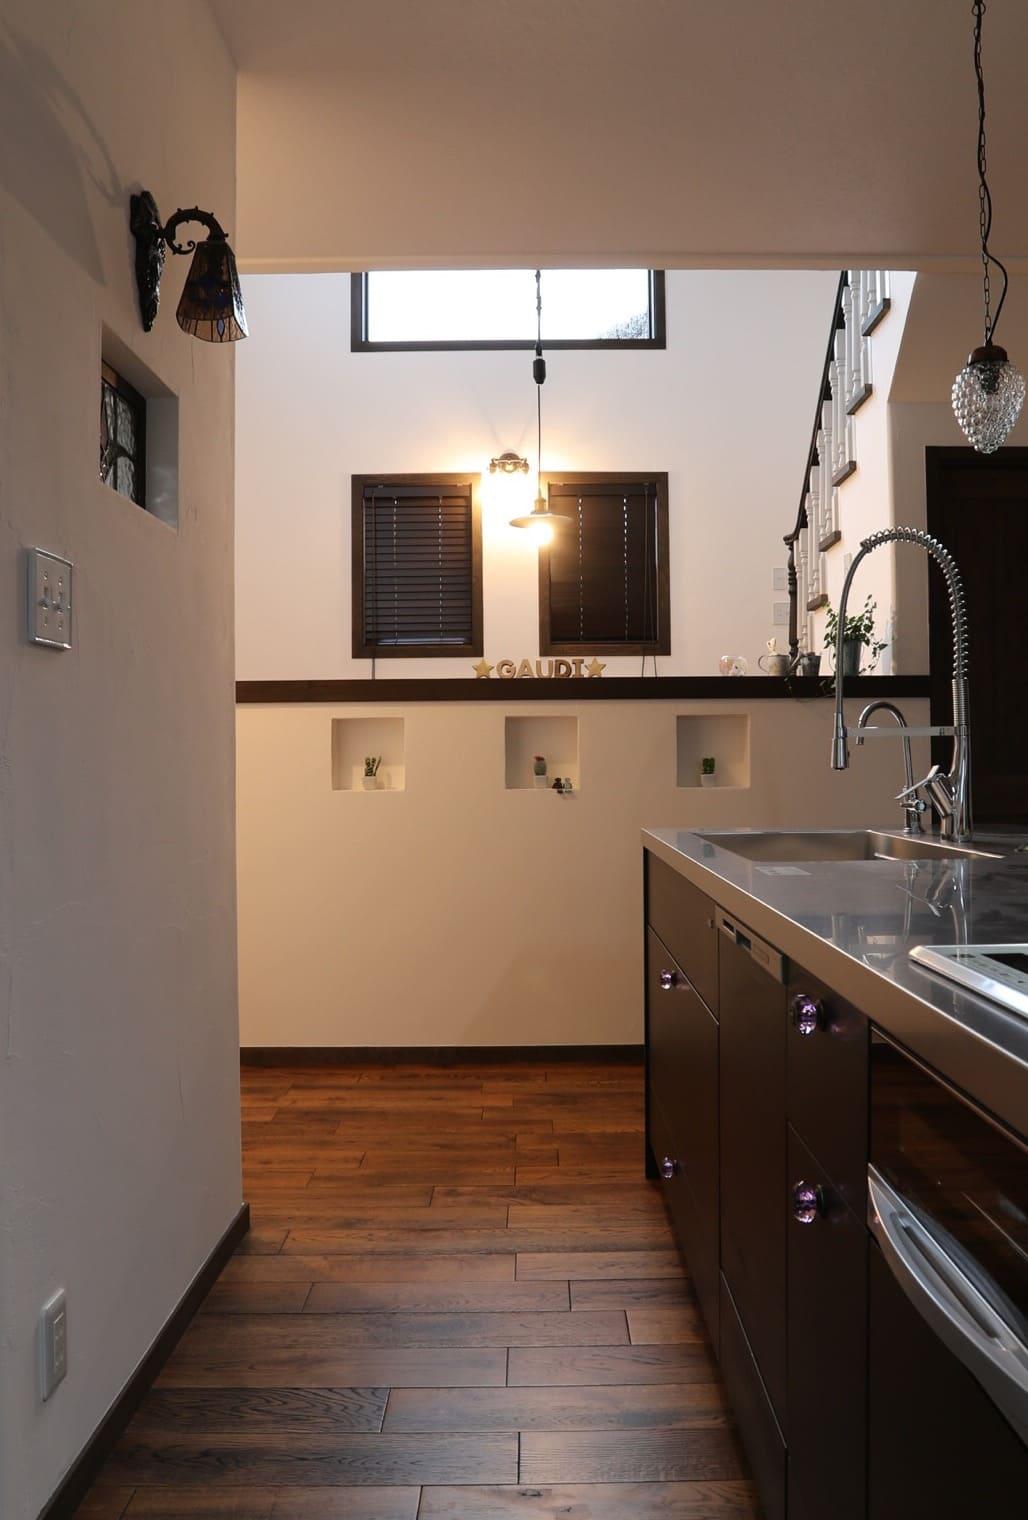 福井でかっこいい家をつくるガウディの施工例 3連ニッチの施工例